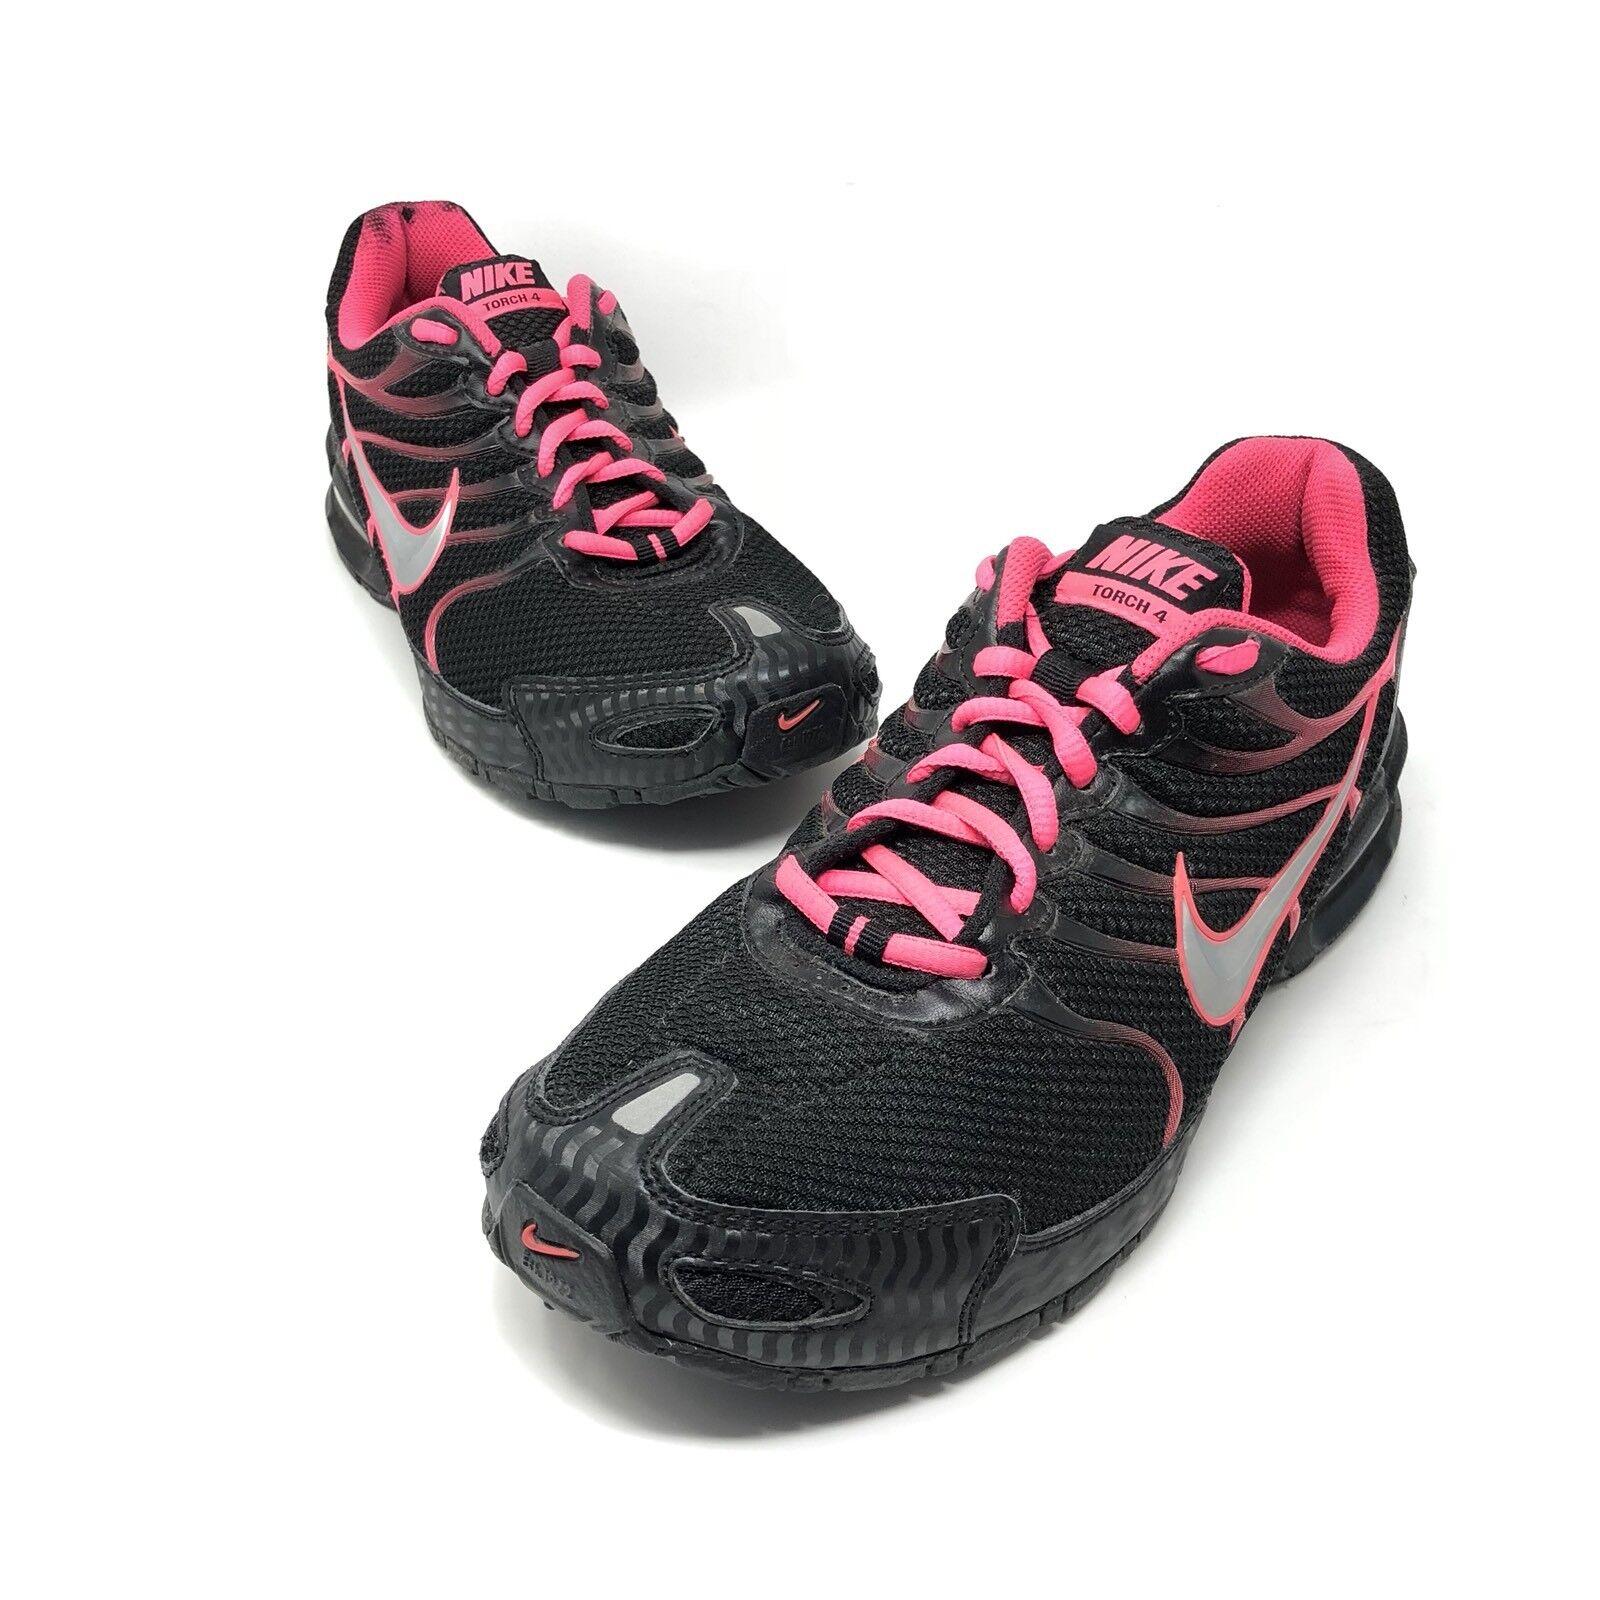 Nike air max max max torcia 4 donne scarpe taglia 9 nero / rosa 343851-006 flash 22a1c8